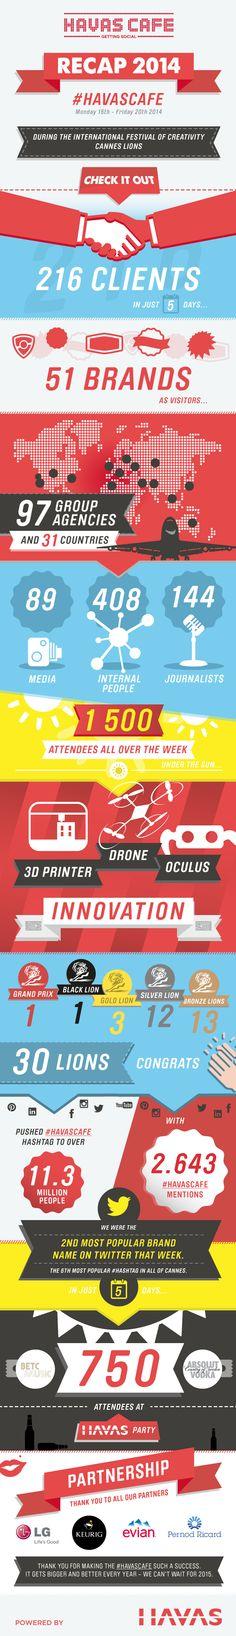 [Infographic] #HavasCafe Recap 2014 #CannesLions #Havas